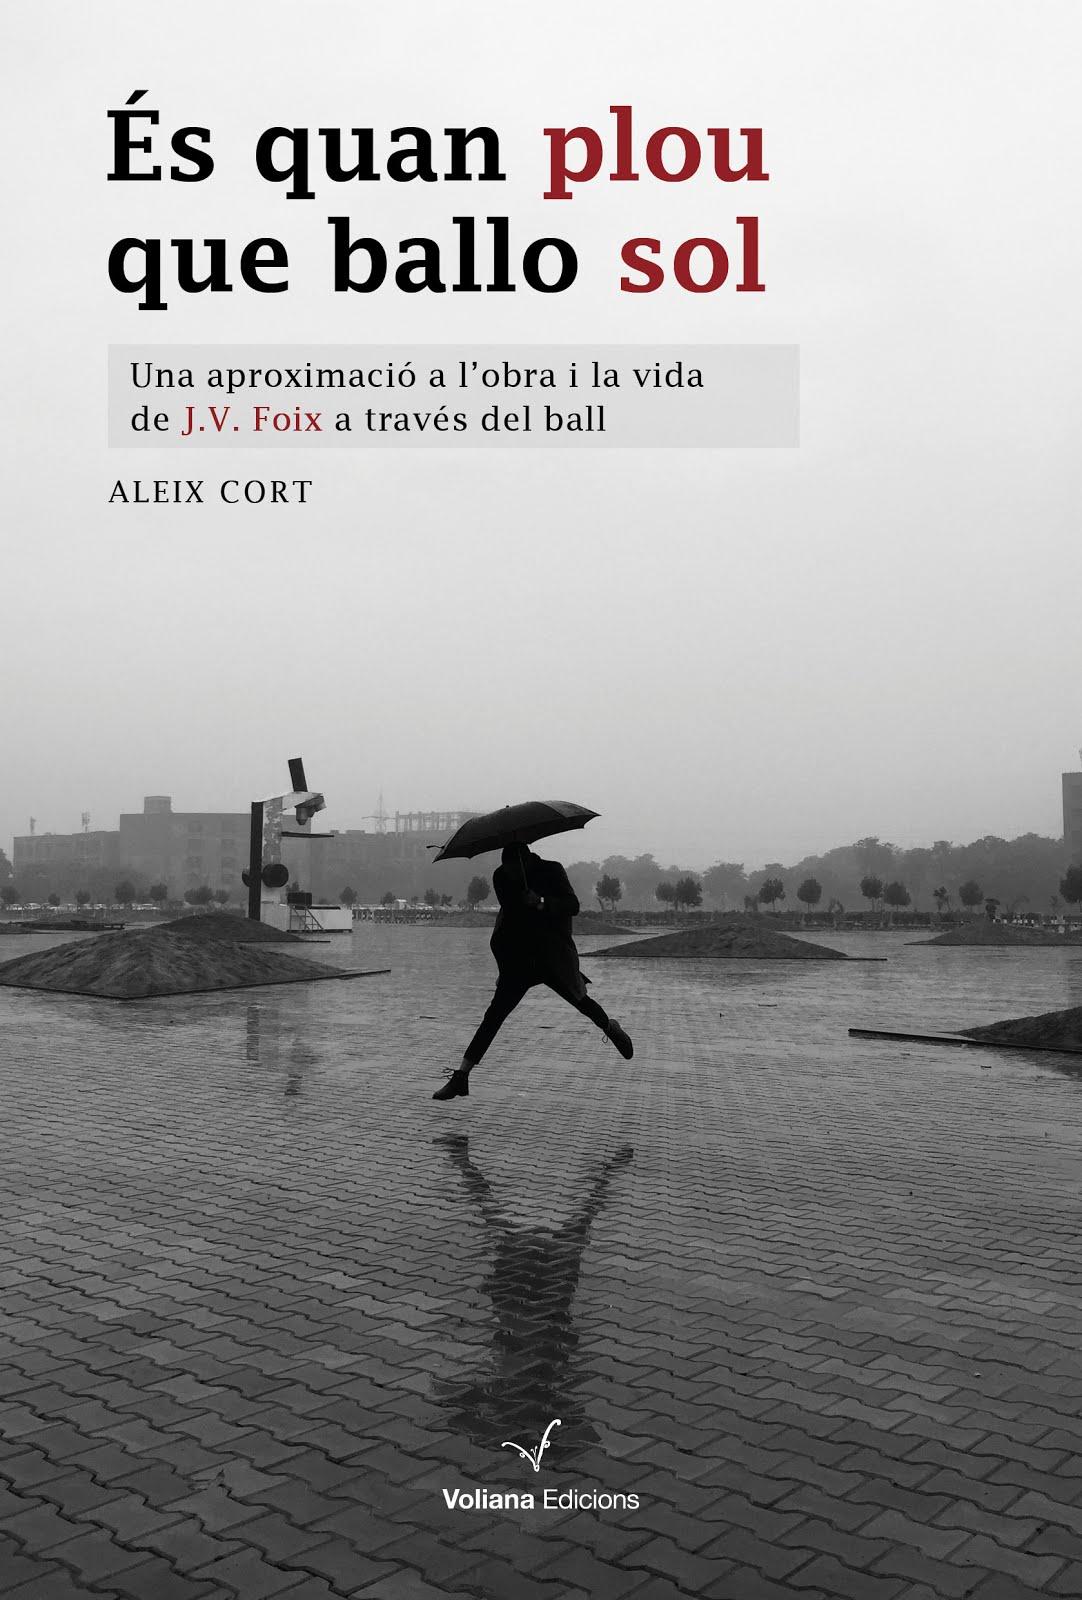 Es quan plou que ballo sol